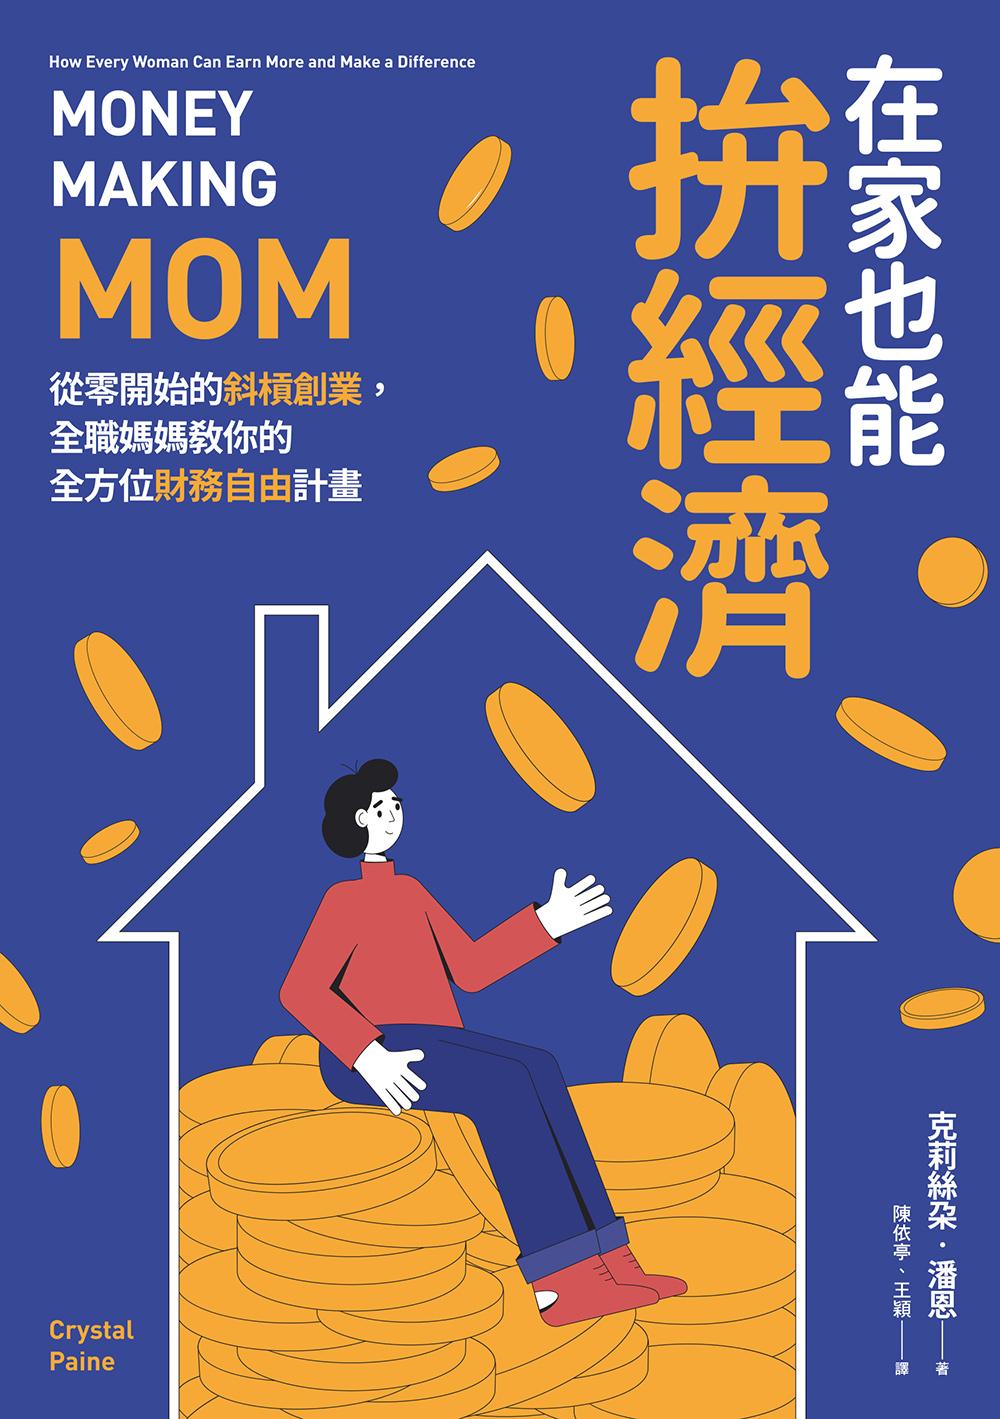 在家也能拚經濟:從零開始的斜槓創業,全職媽媽教你的全方位財務自由計畫 (電子書)